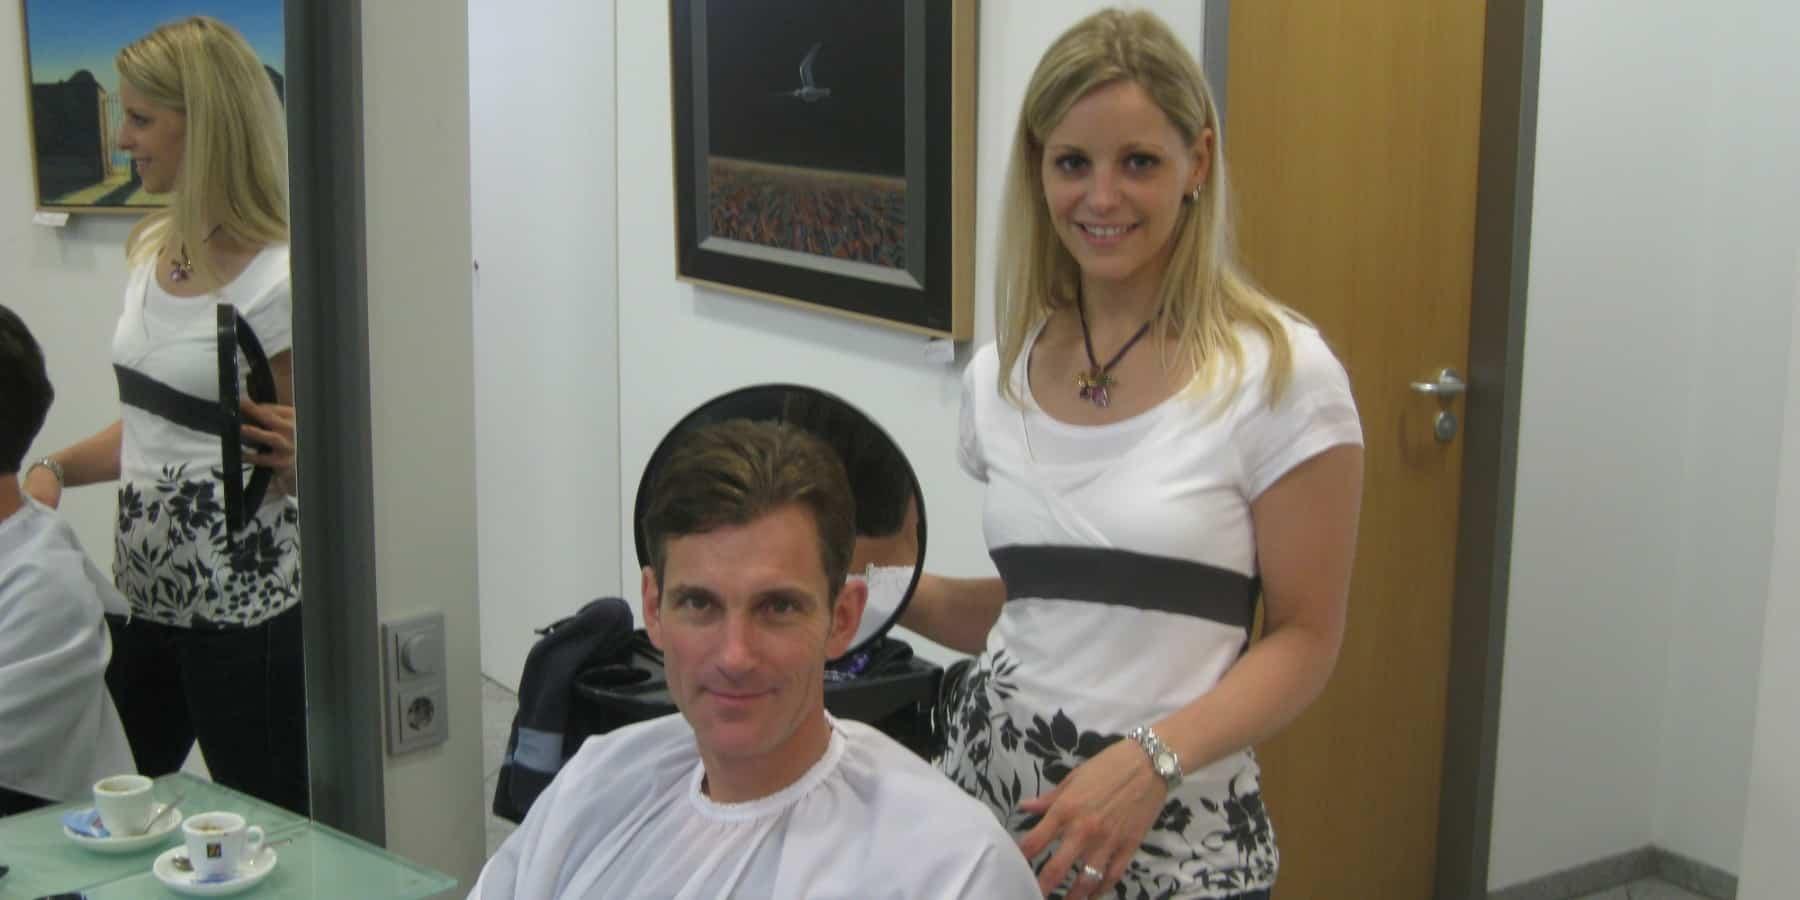 Freiheit, Verantwortung Besuch beim Friseur